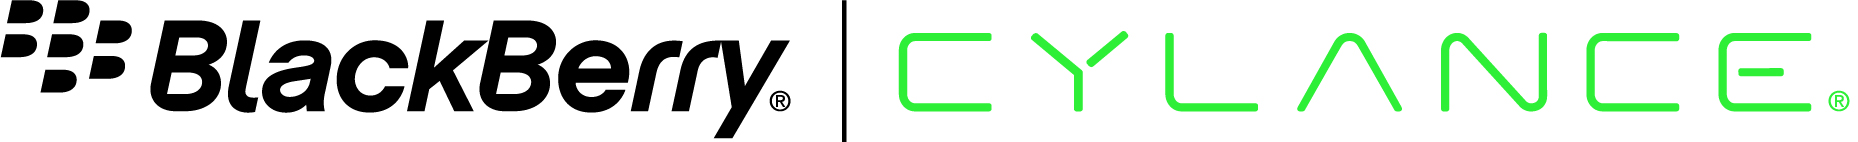 BlackberryCylance Logo